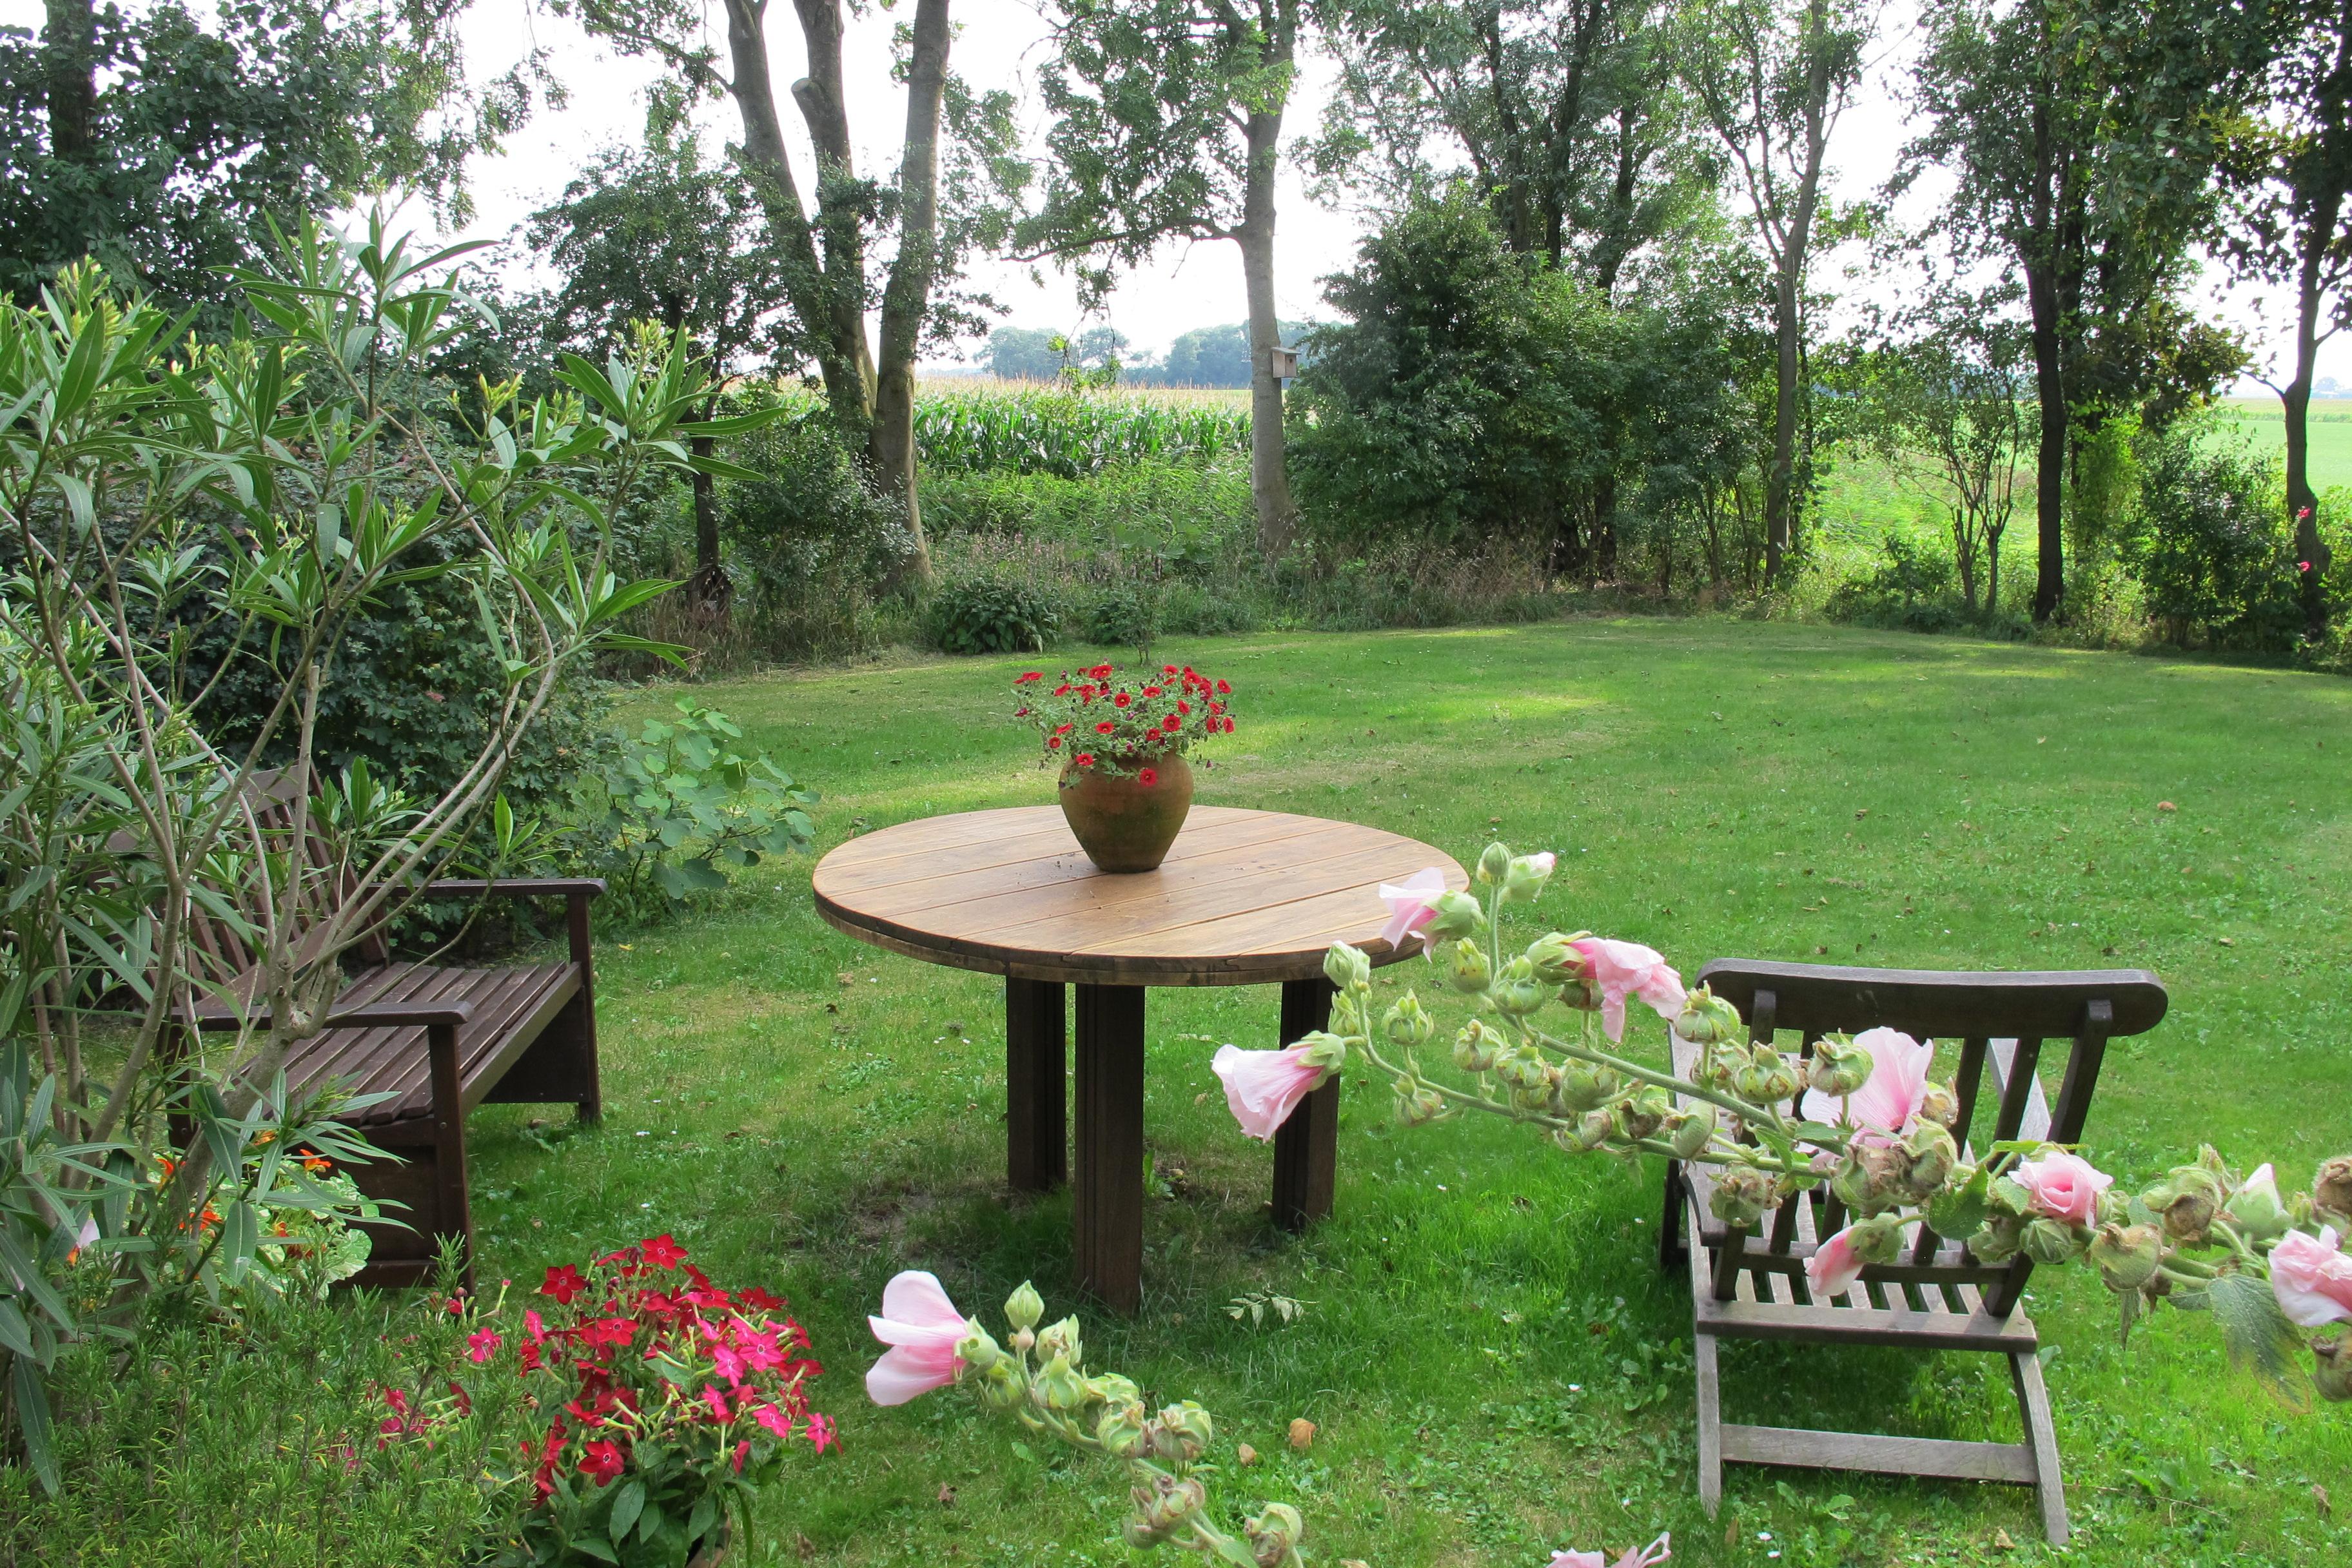 best grote tuin voor personen in van holwerd with buiten groot